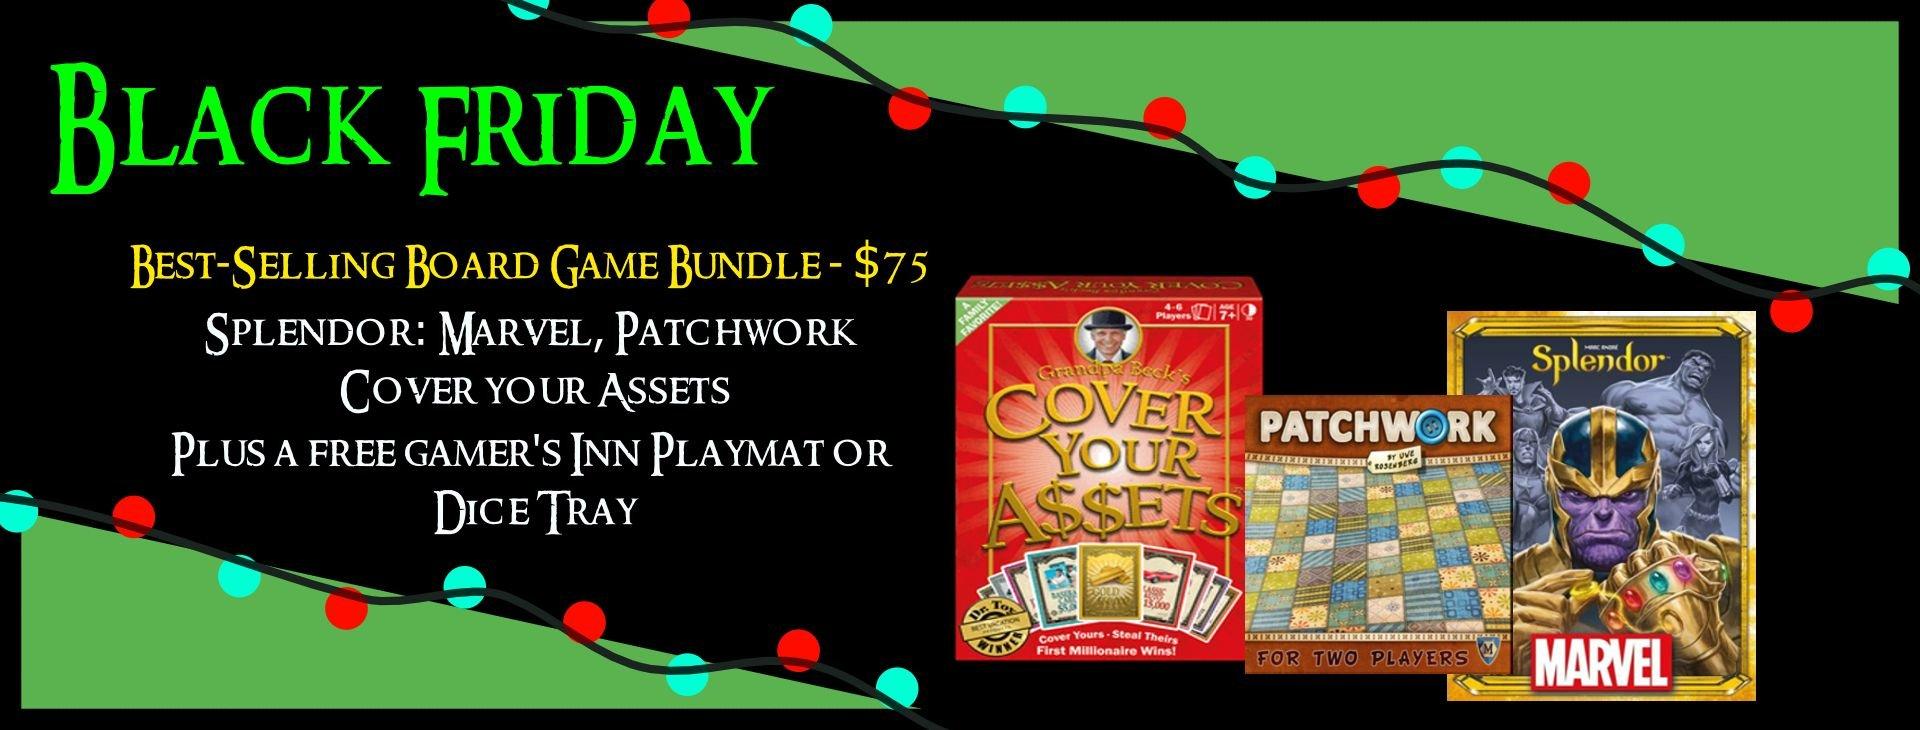 Best-Selling Board Game Bundle